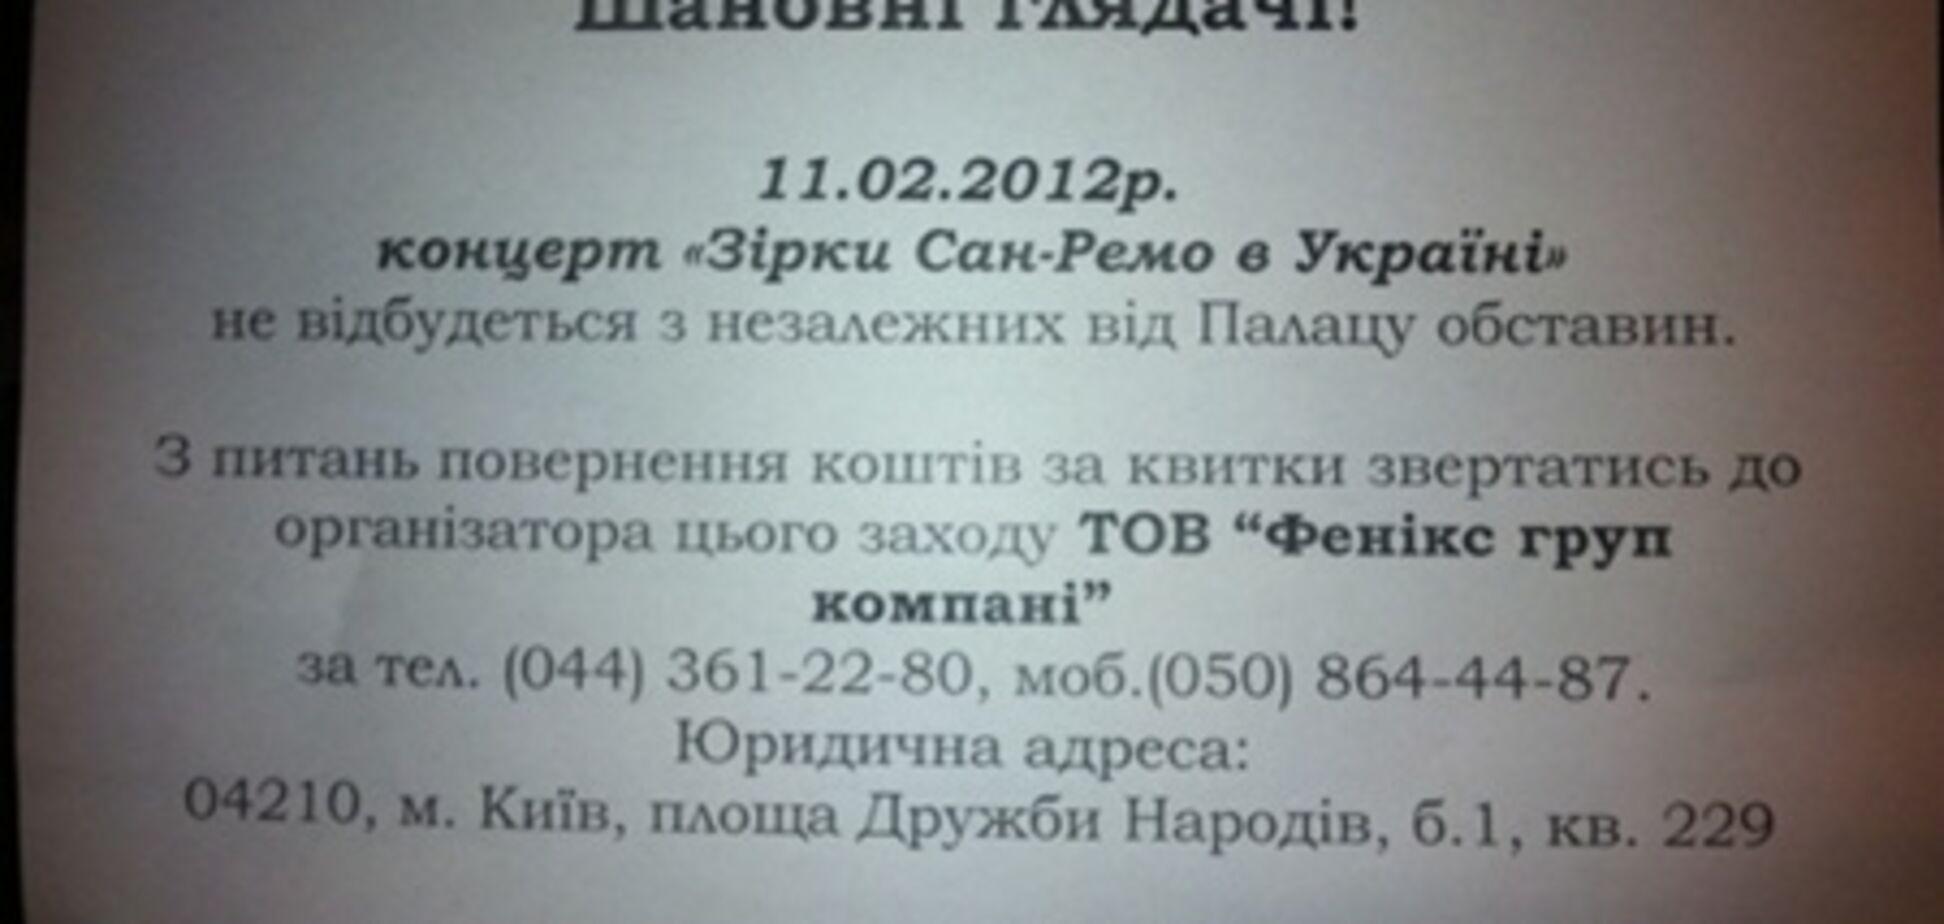 В Киеве 'кинули' любителей итальянской эстрады